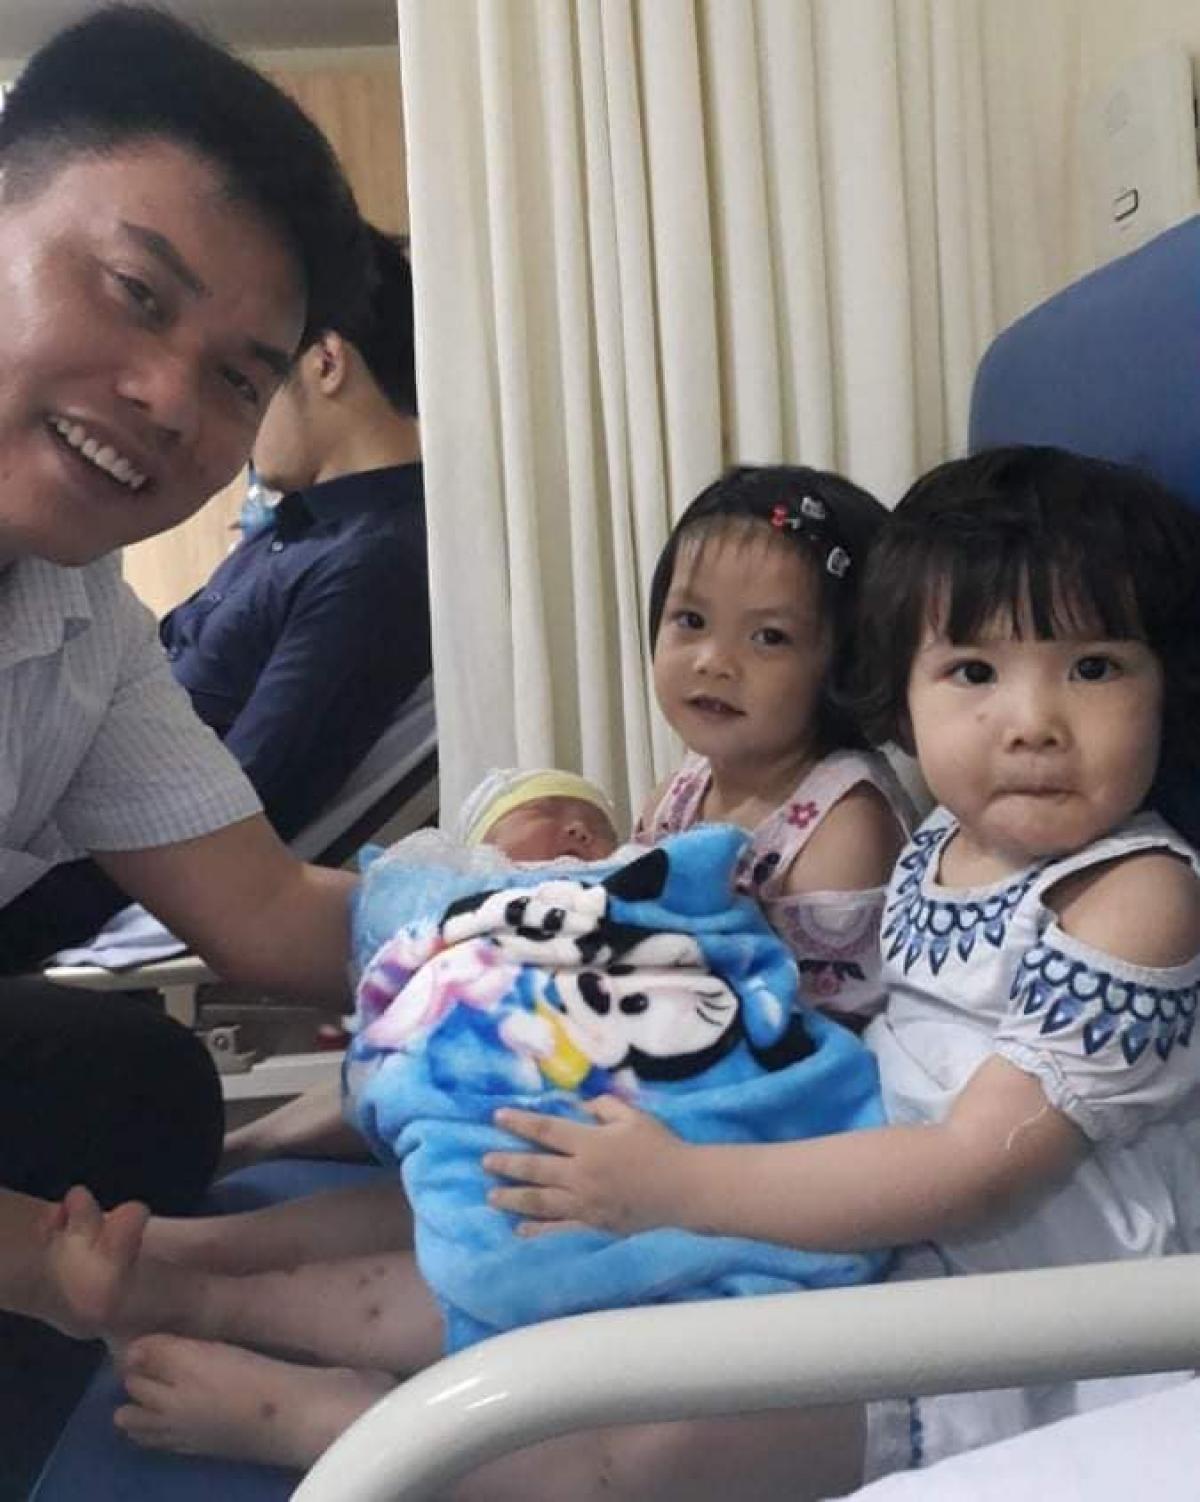 Bức ảnh chồng chị Oanh cùng 3 con được lưu đầu tiên trong điện thoại mới.